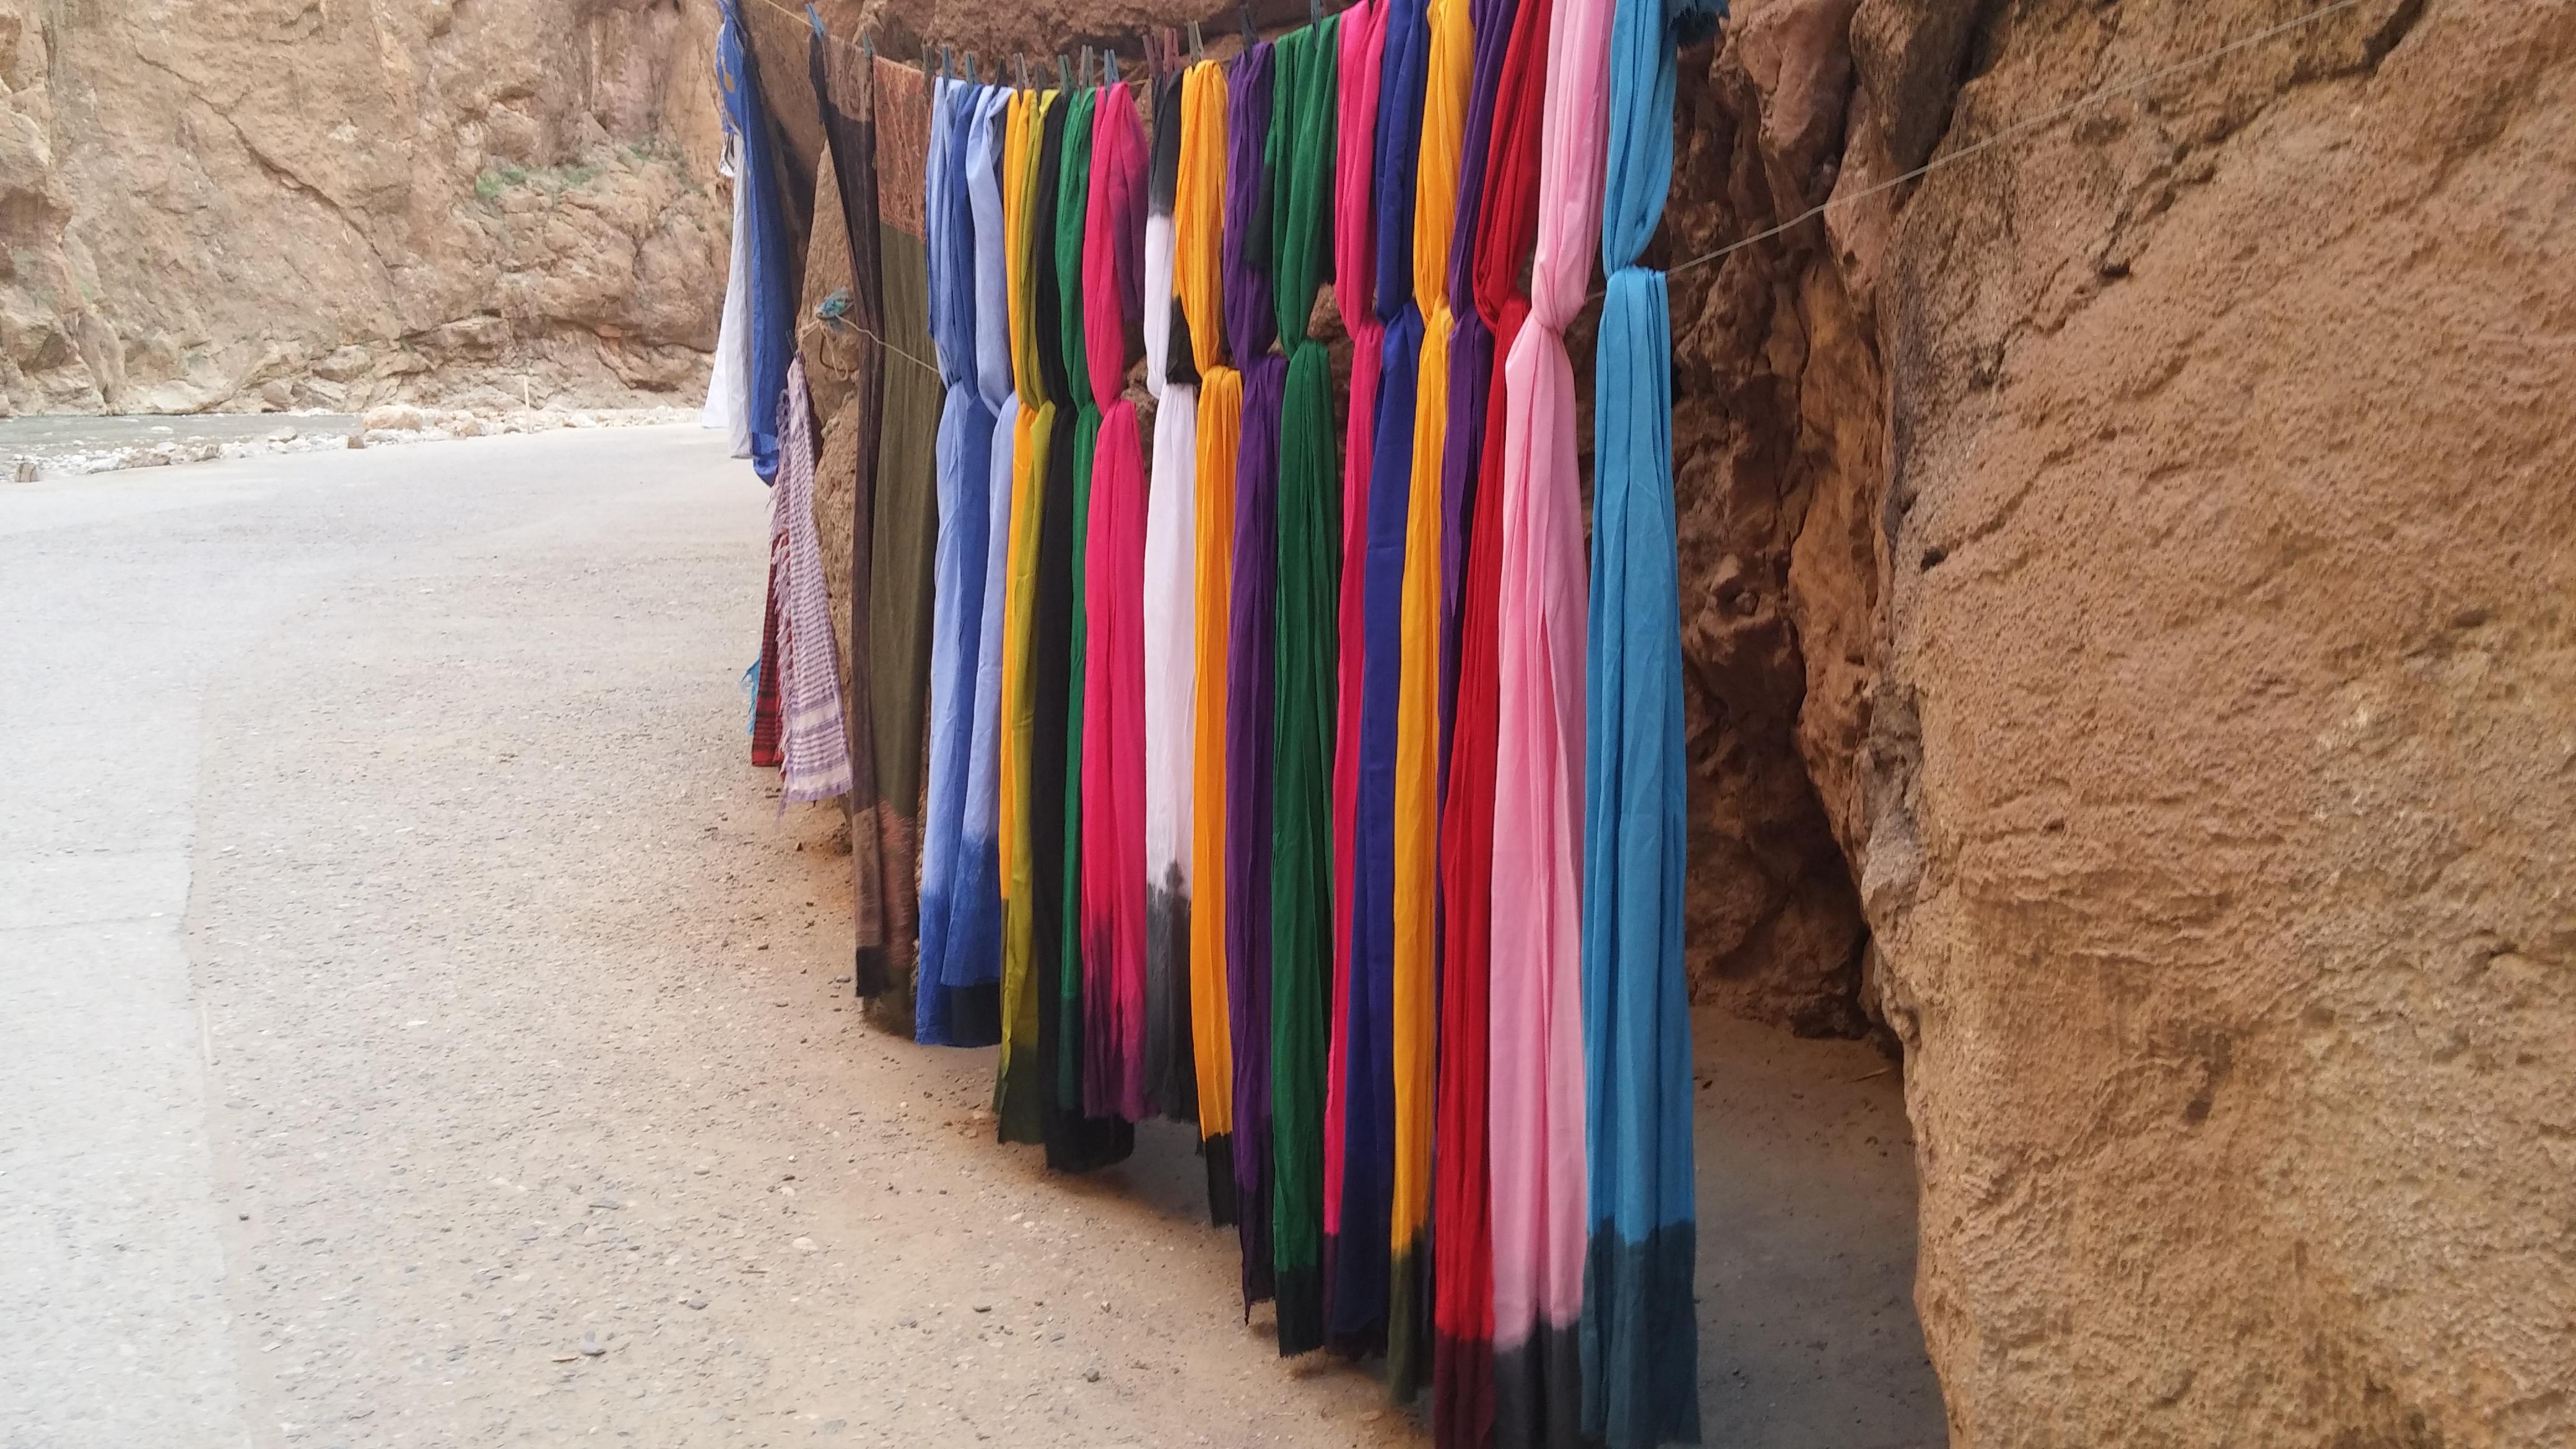 יש לך הרבה צעיפים? גם במרוקו - 'יהיה בסדר בצפון!' סידור וארגון הבית והמשרד